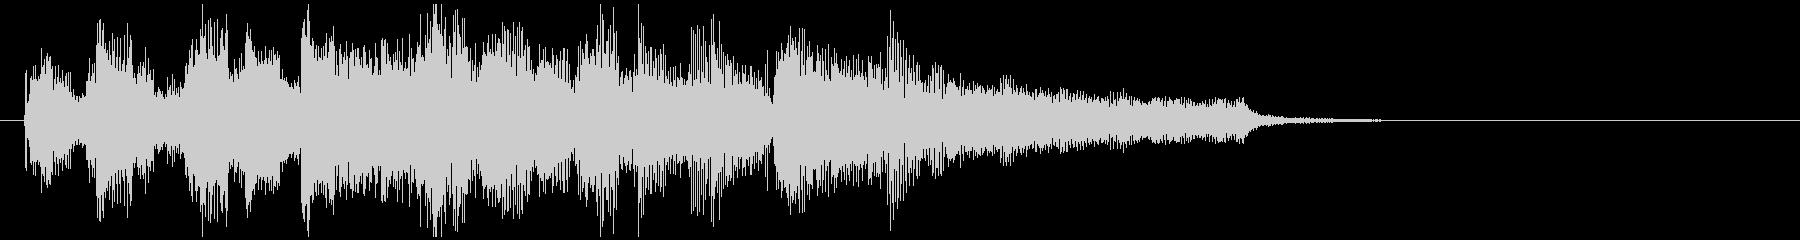 日常系ジャズのアイキャッチ、低音サックスの未再生の波形